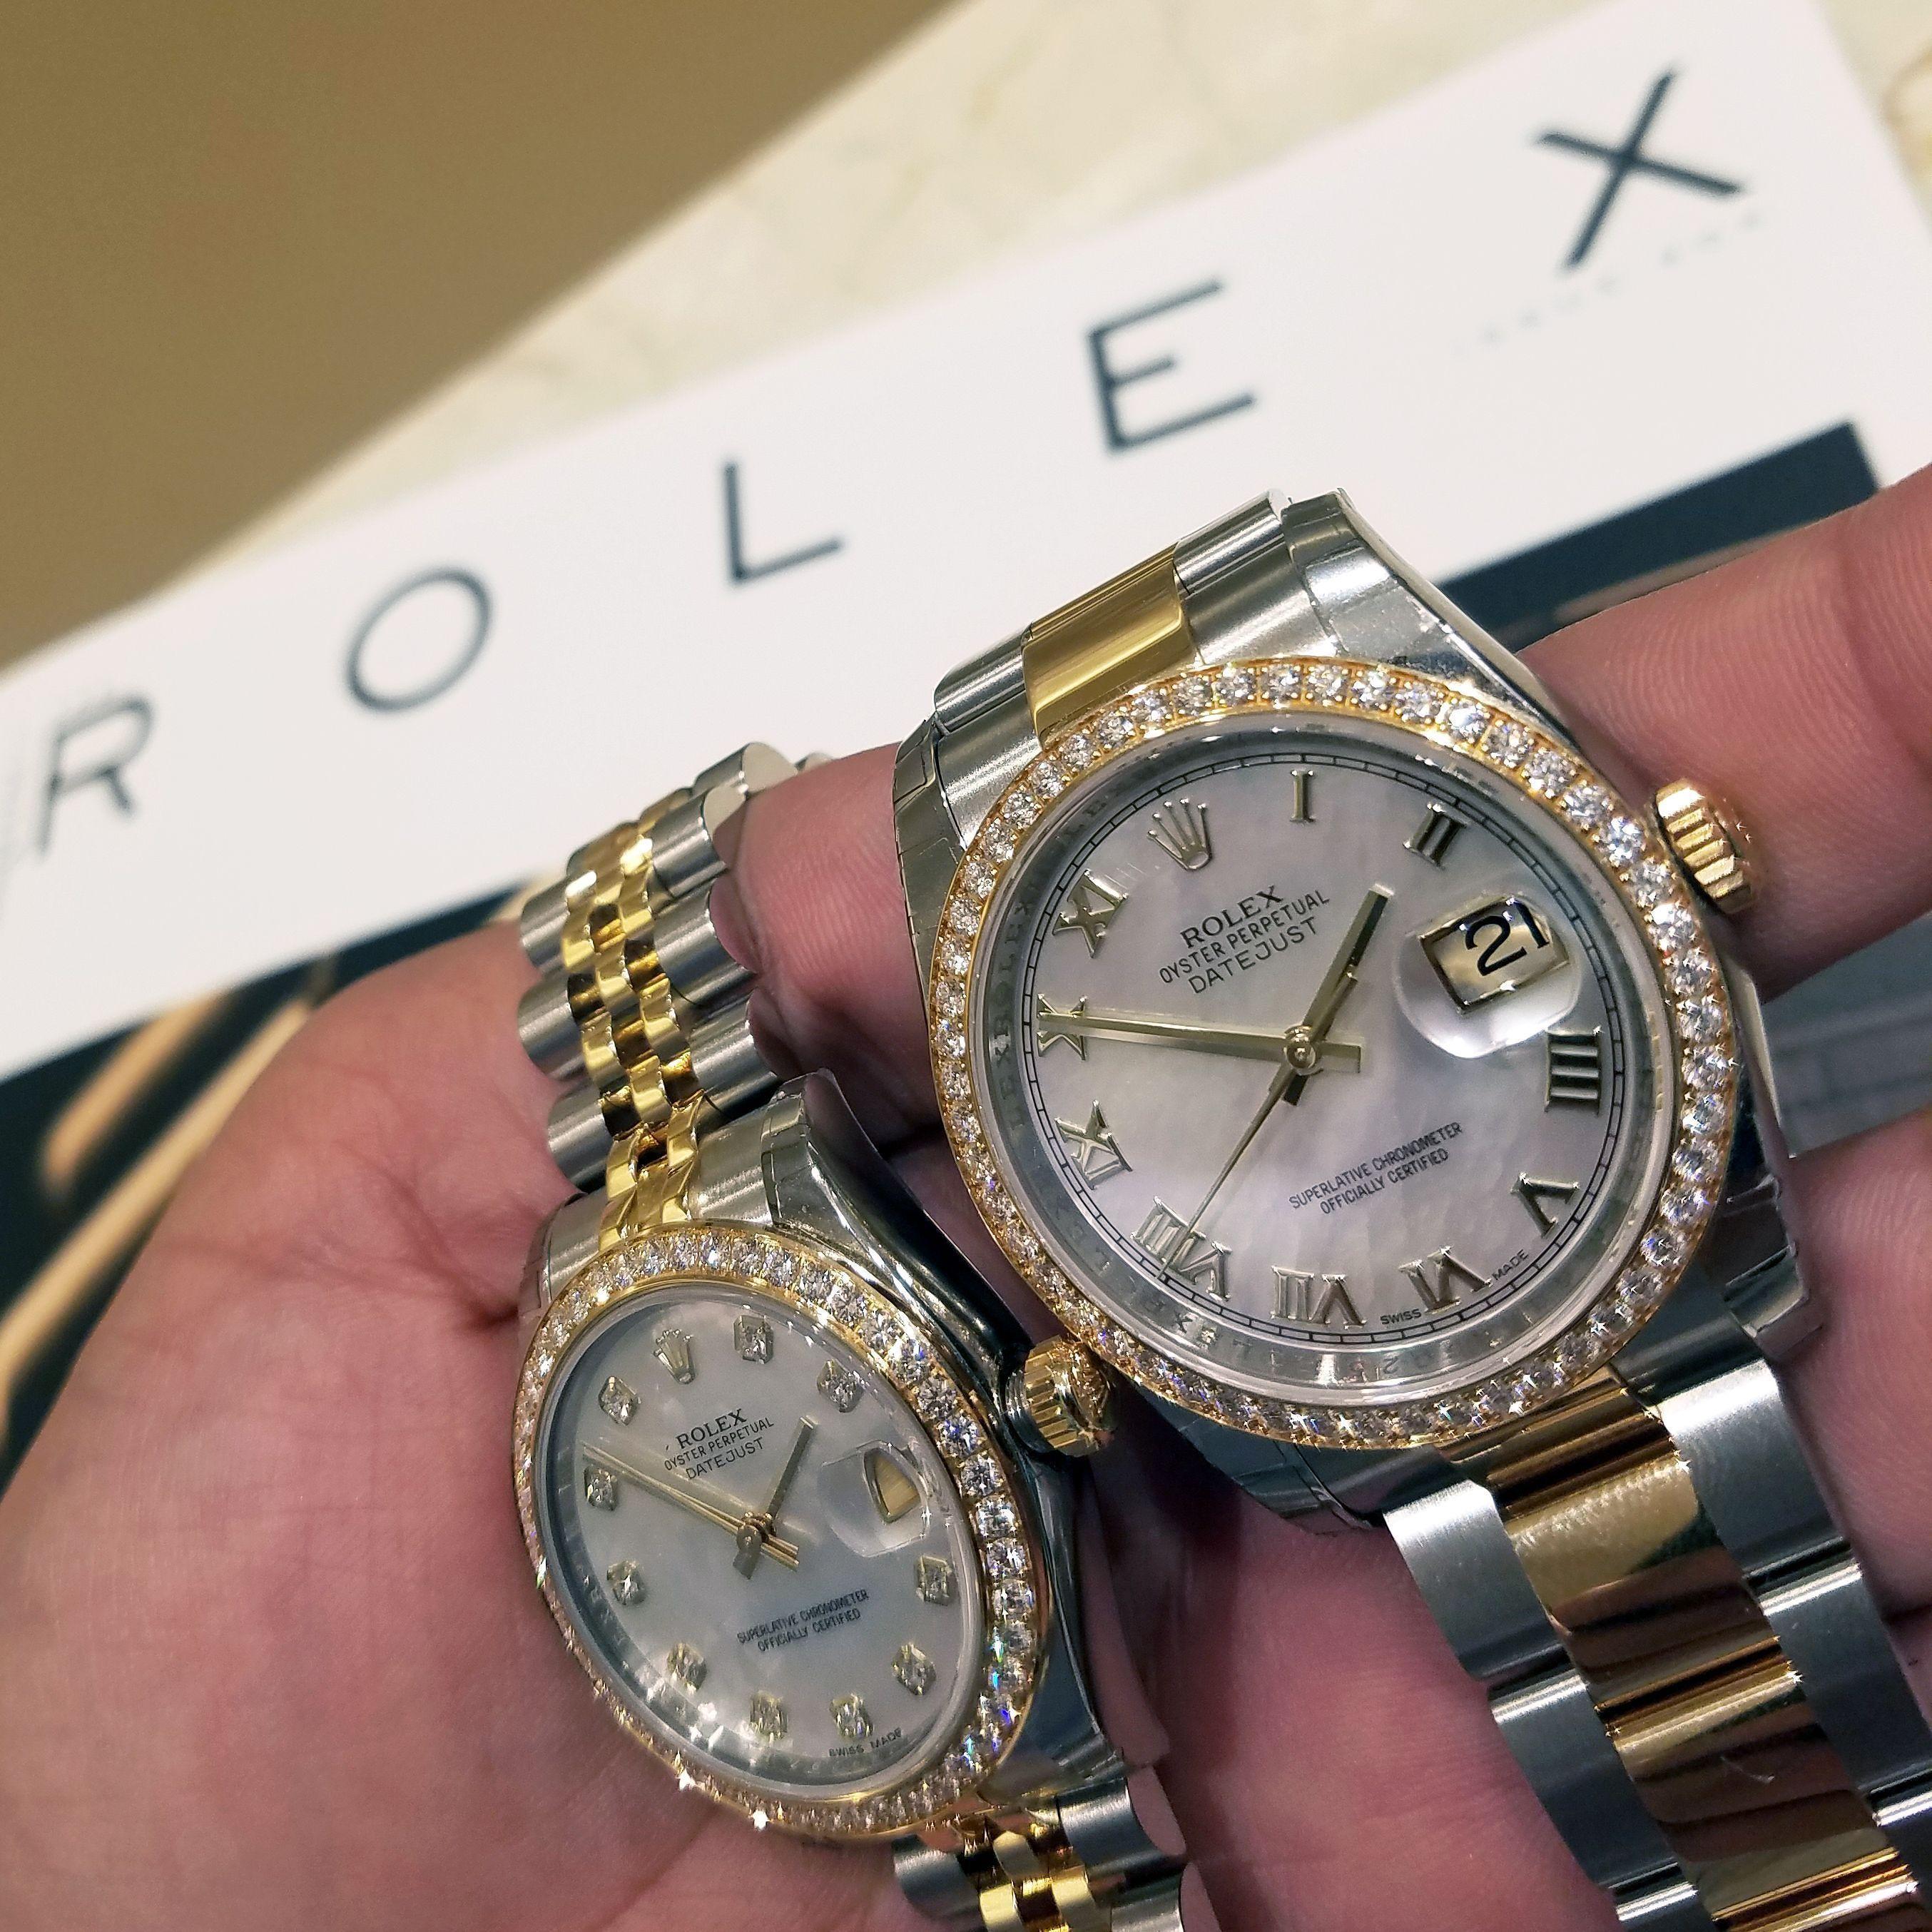 His and HersRolex DatejustDiamond bezel watches. Shiny